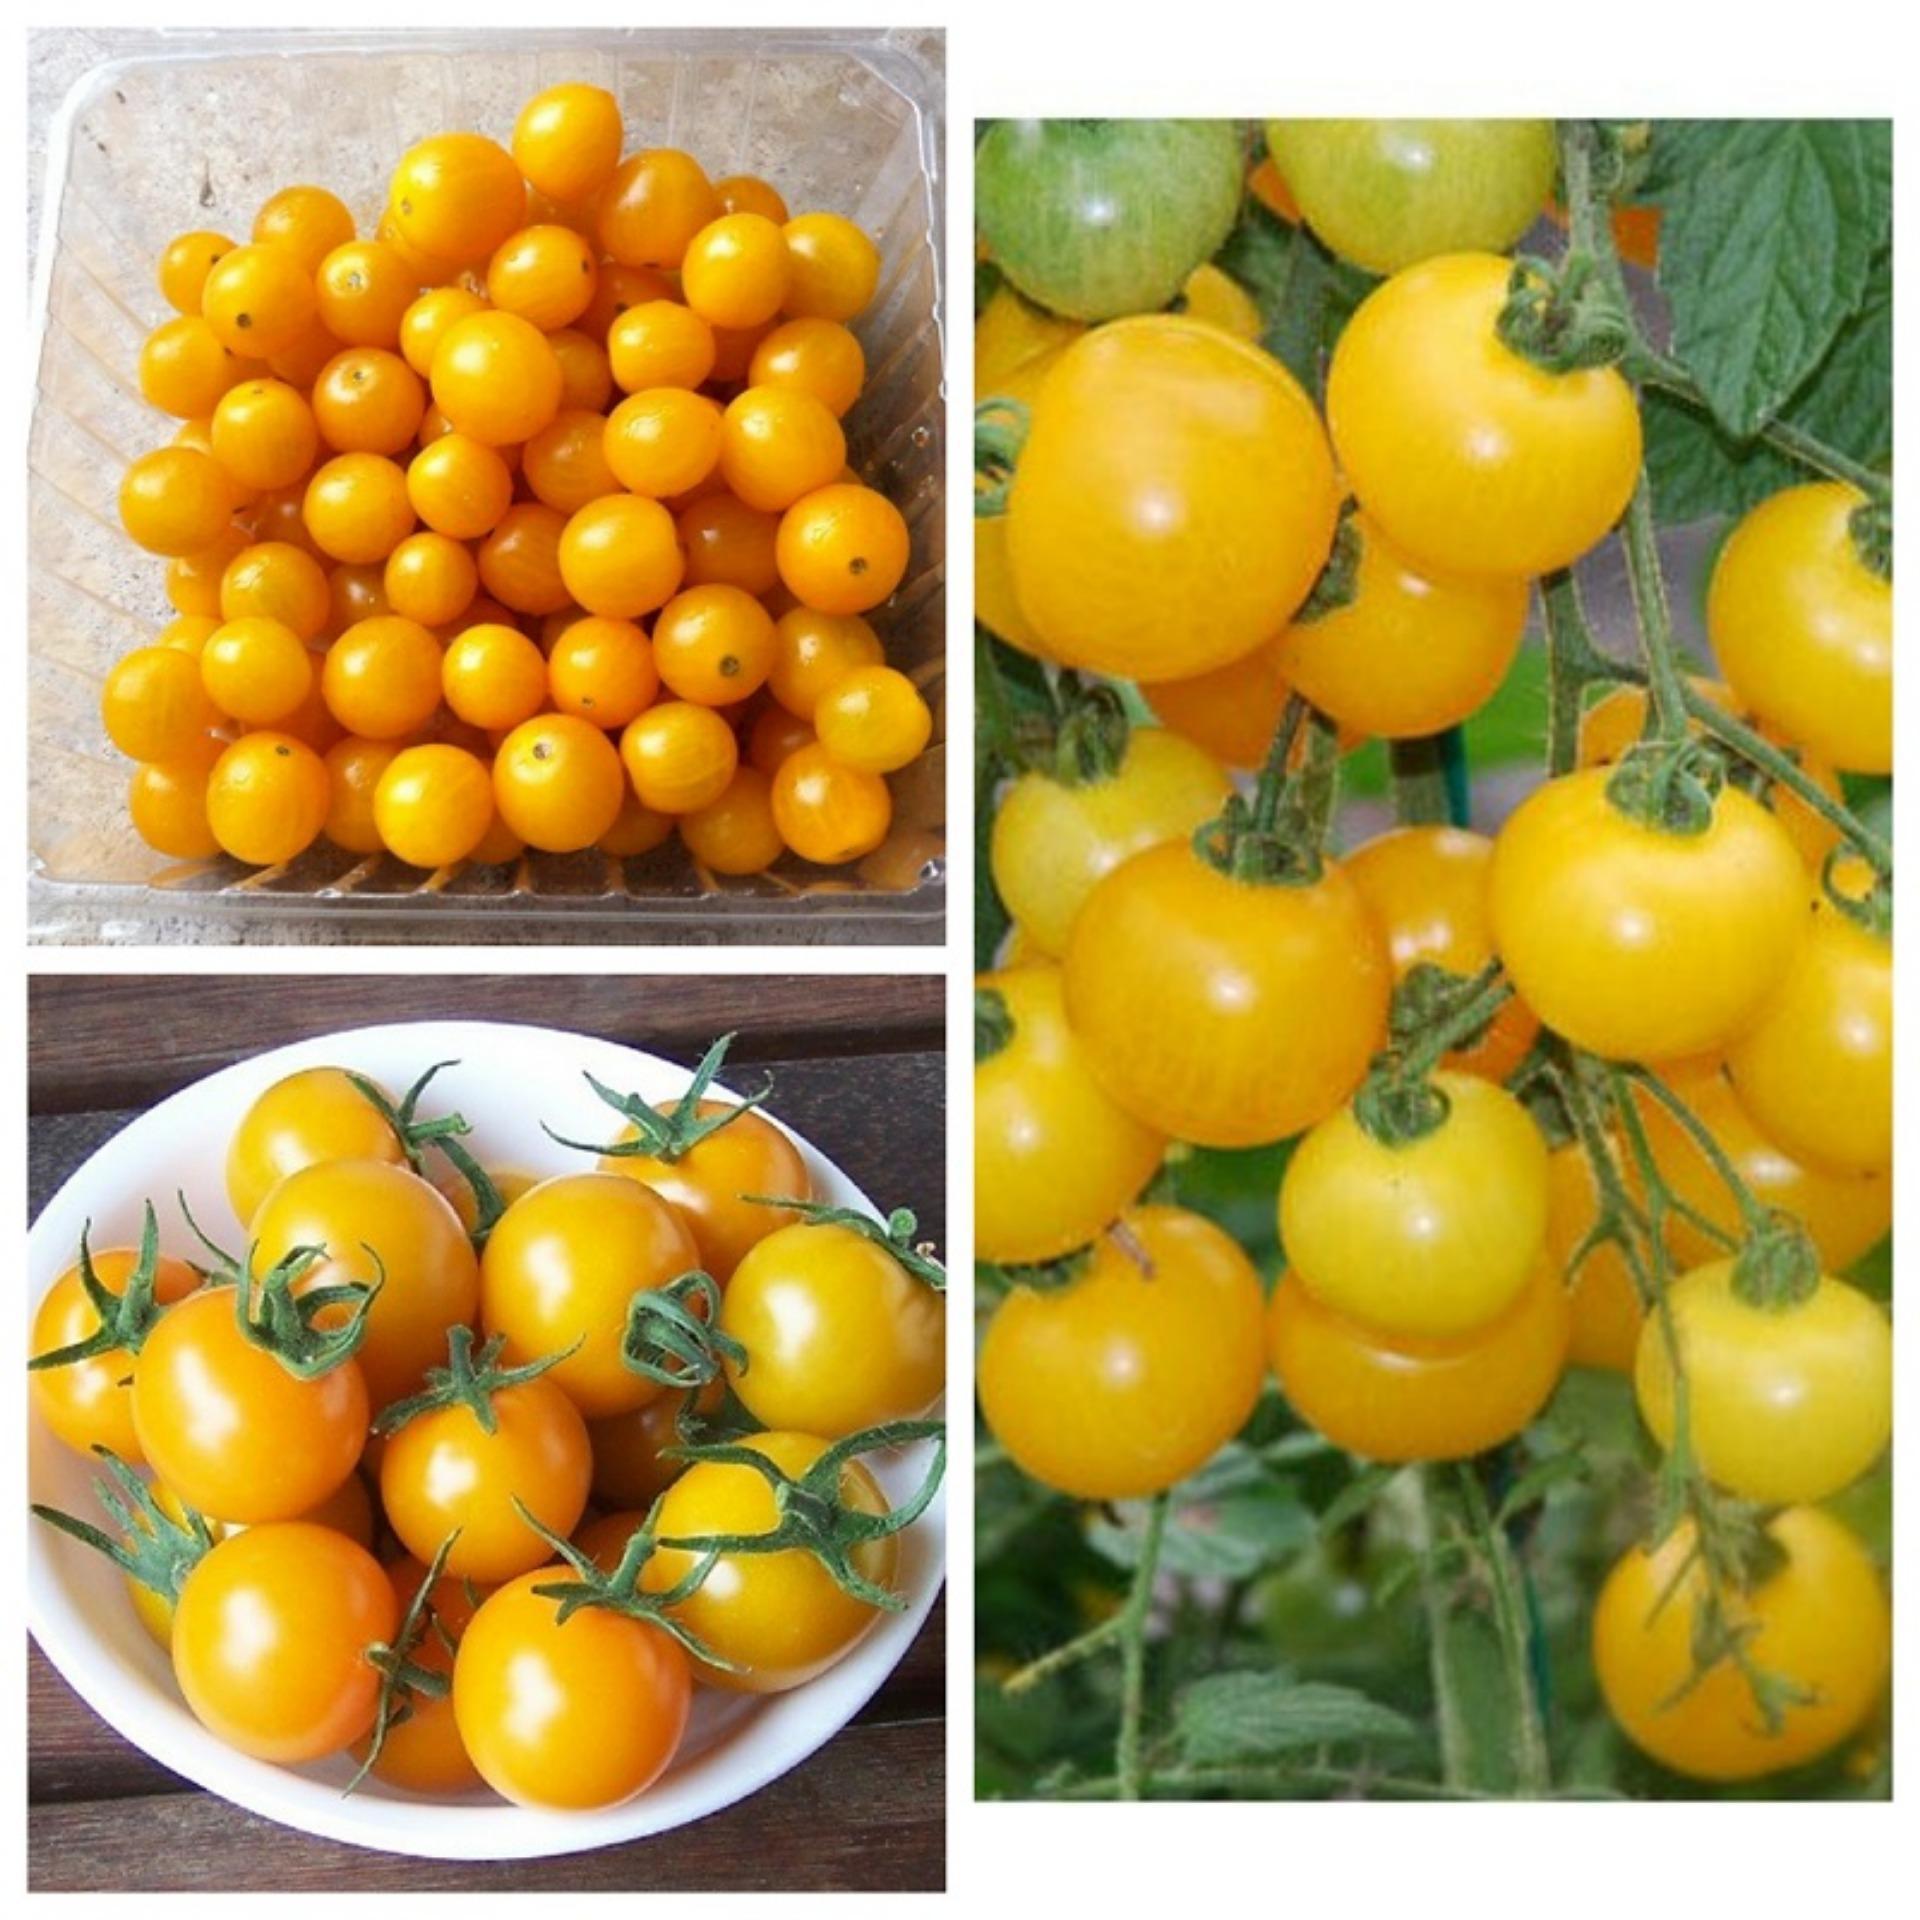 Hạt giống Cà chua bi lùn vàng- Kèm tài liệu Hướng dẫn